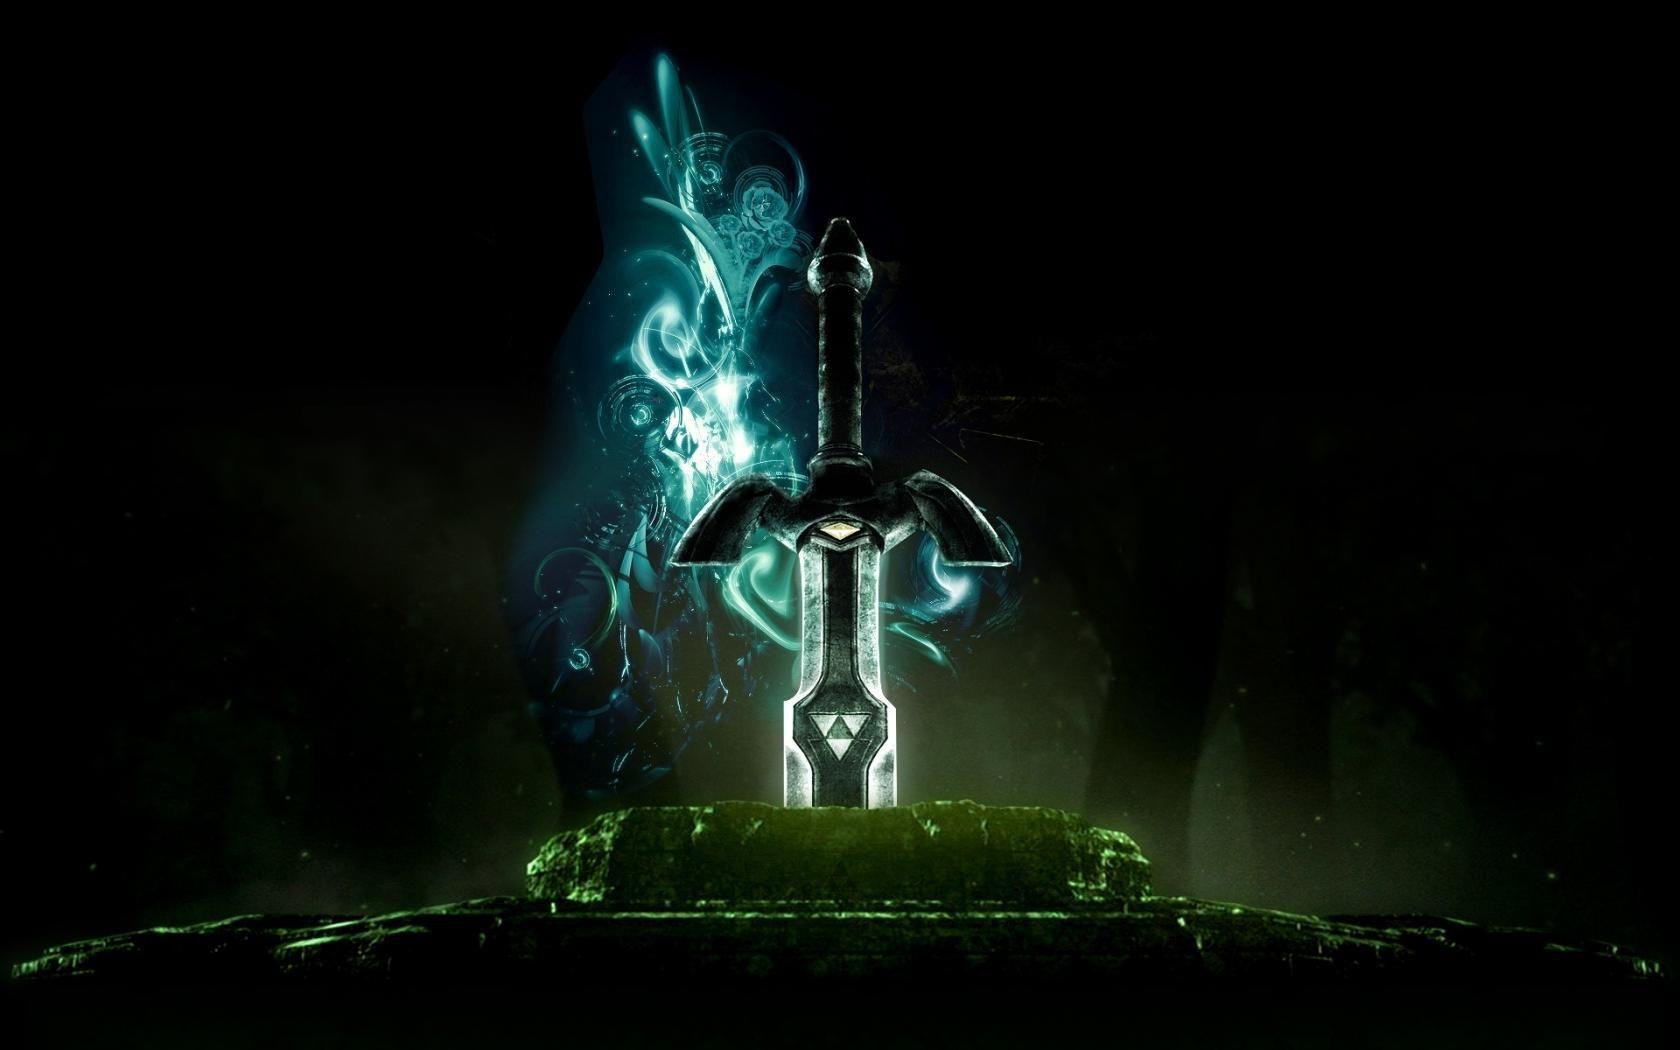 Legend Of Zelda Sword 3d Game Wallpaper Retro Abstract Designart Zelda Master Sword Master Sword Legend Of Zelda